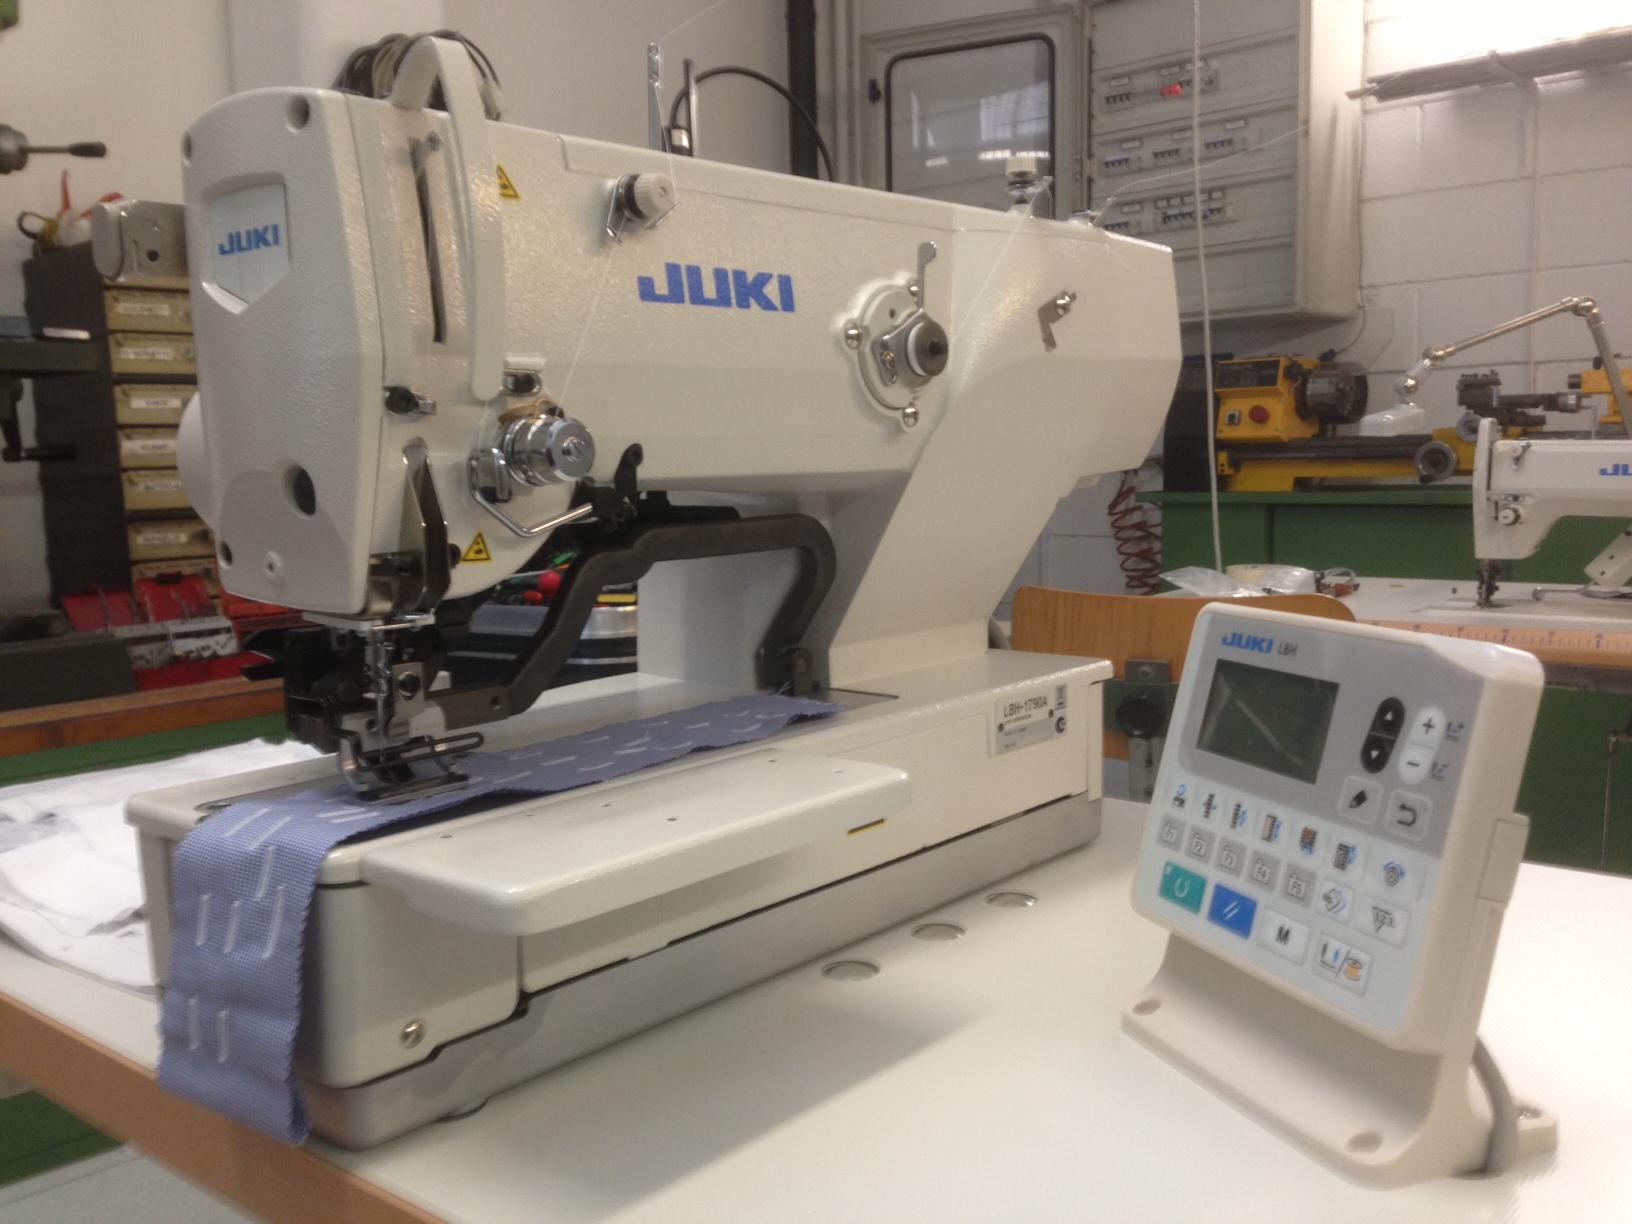 Macchine per cucire pfaff juki bernina industriali for Macchine da cucire usate